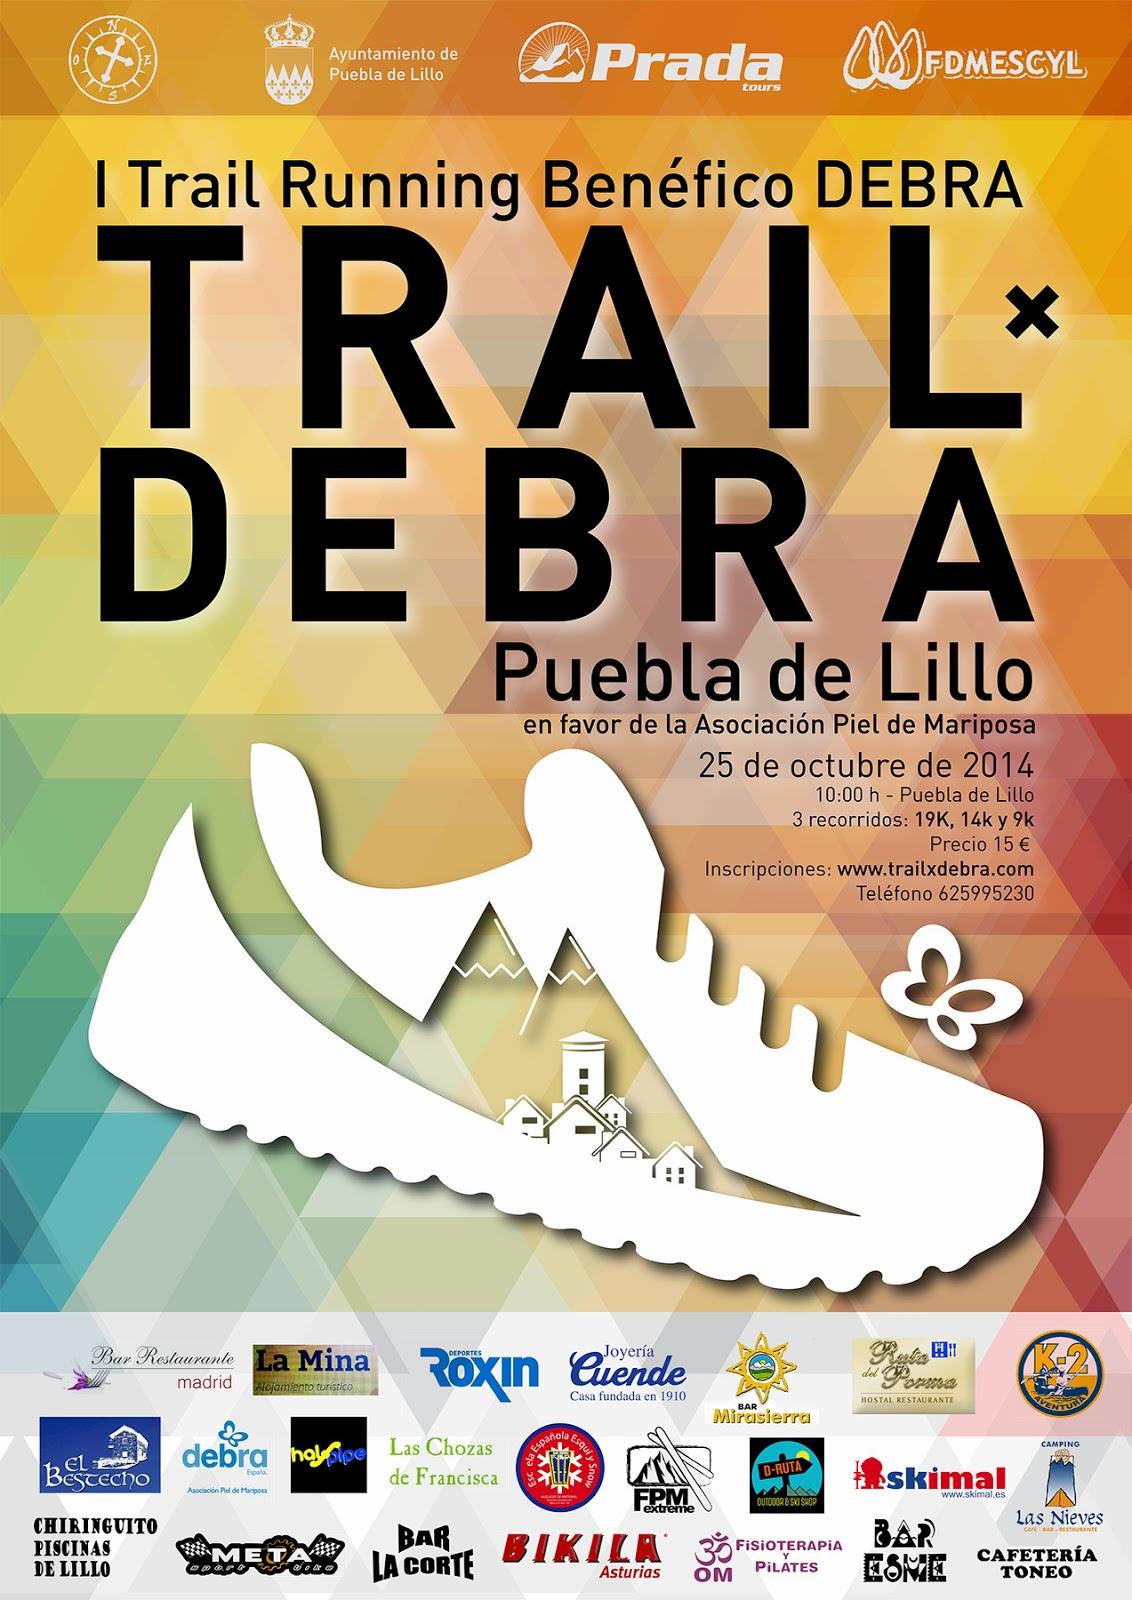 I Trail Debra. /FDMESCYL